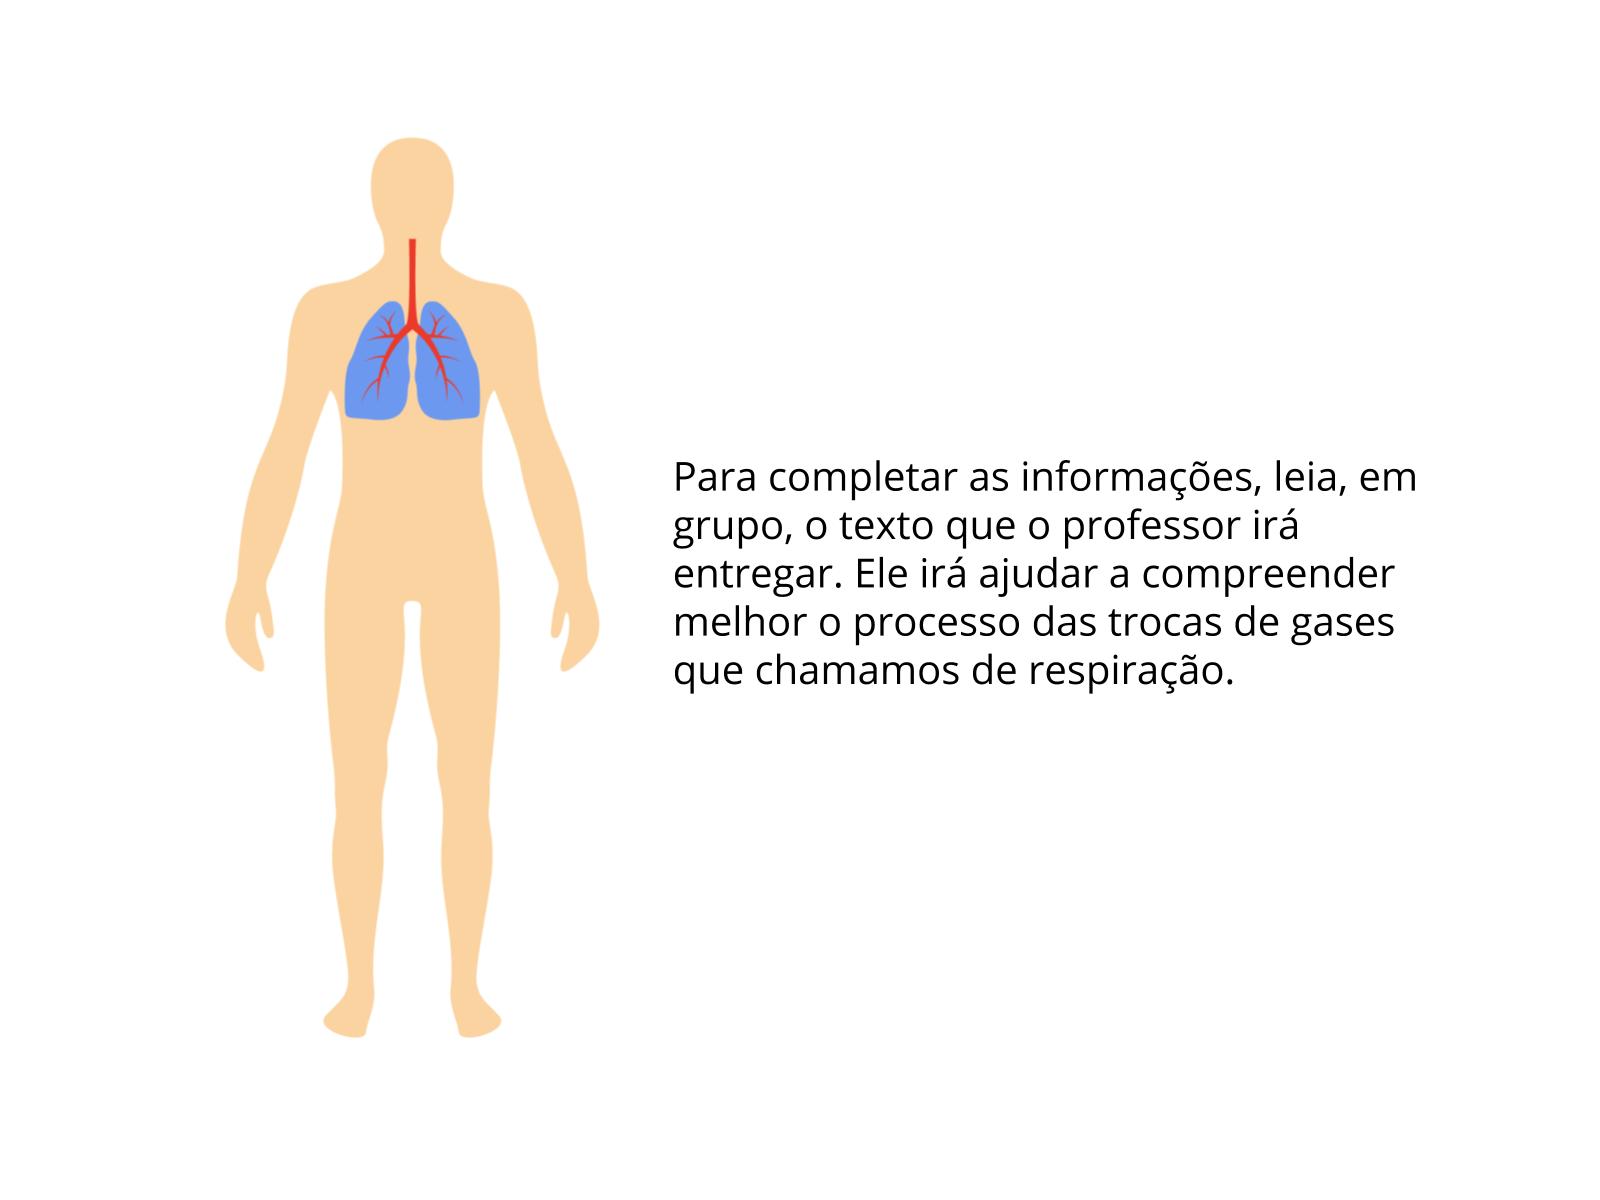 Os pulmões e as trocas gasosas